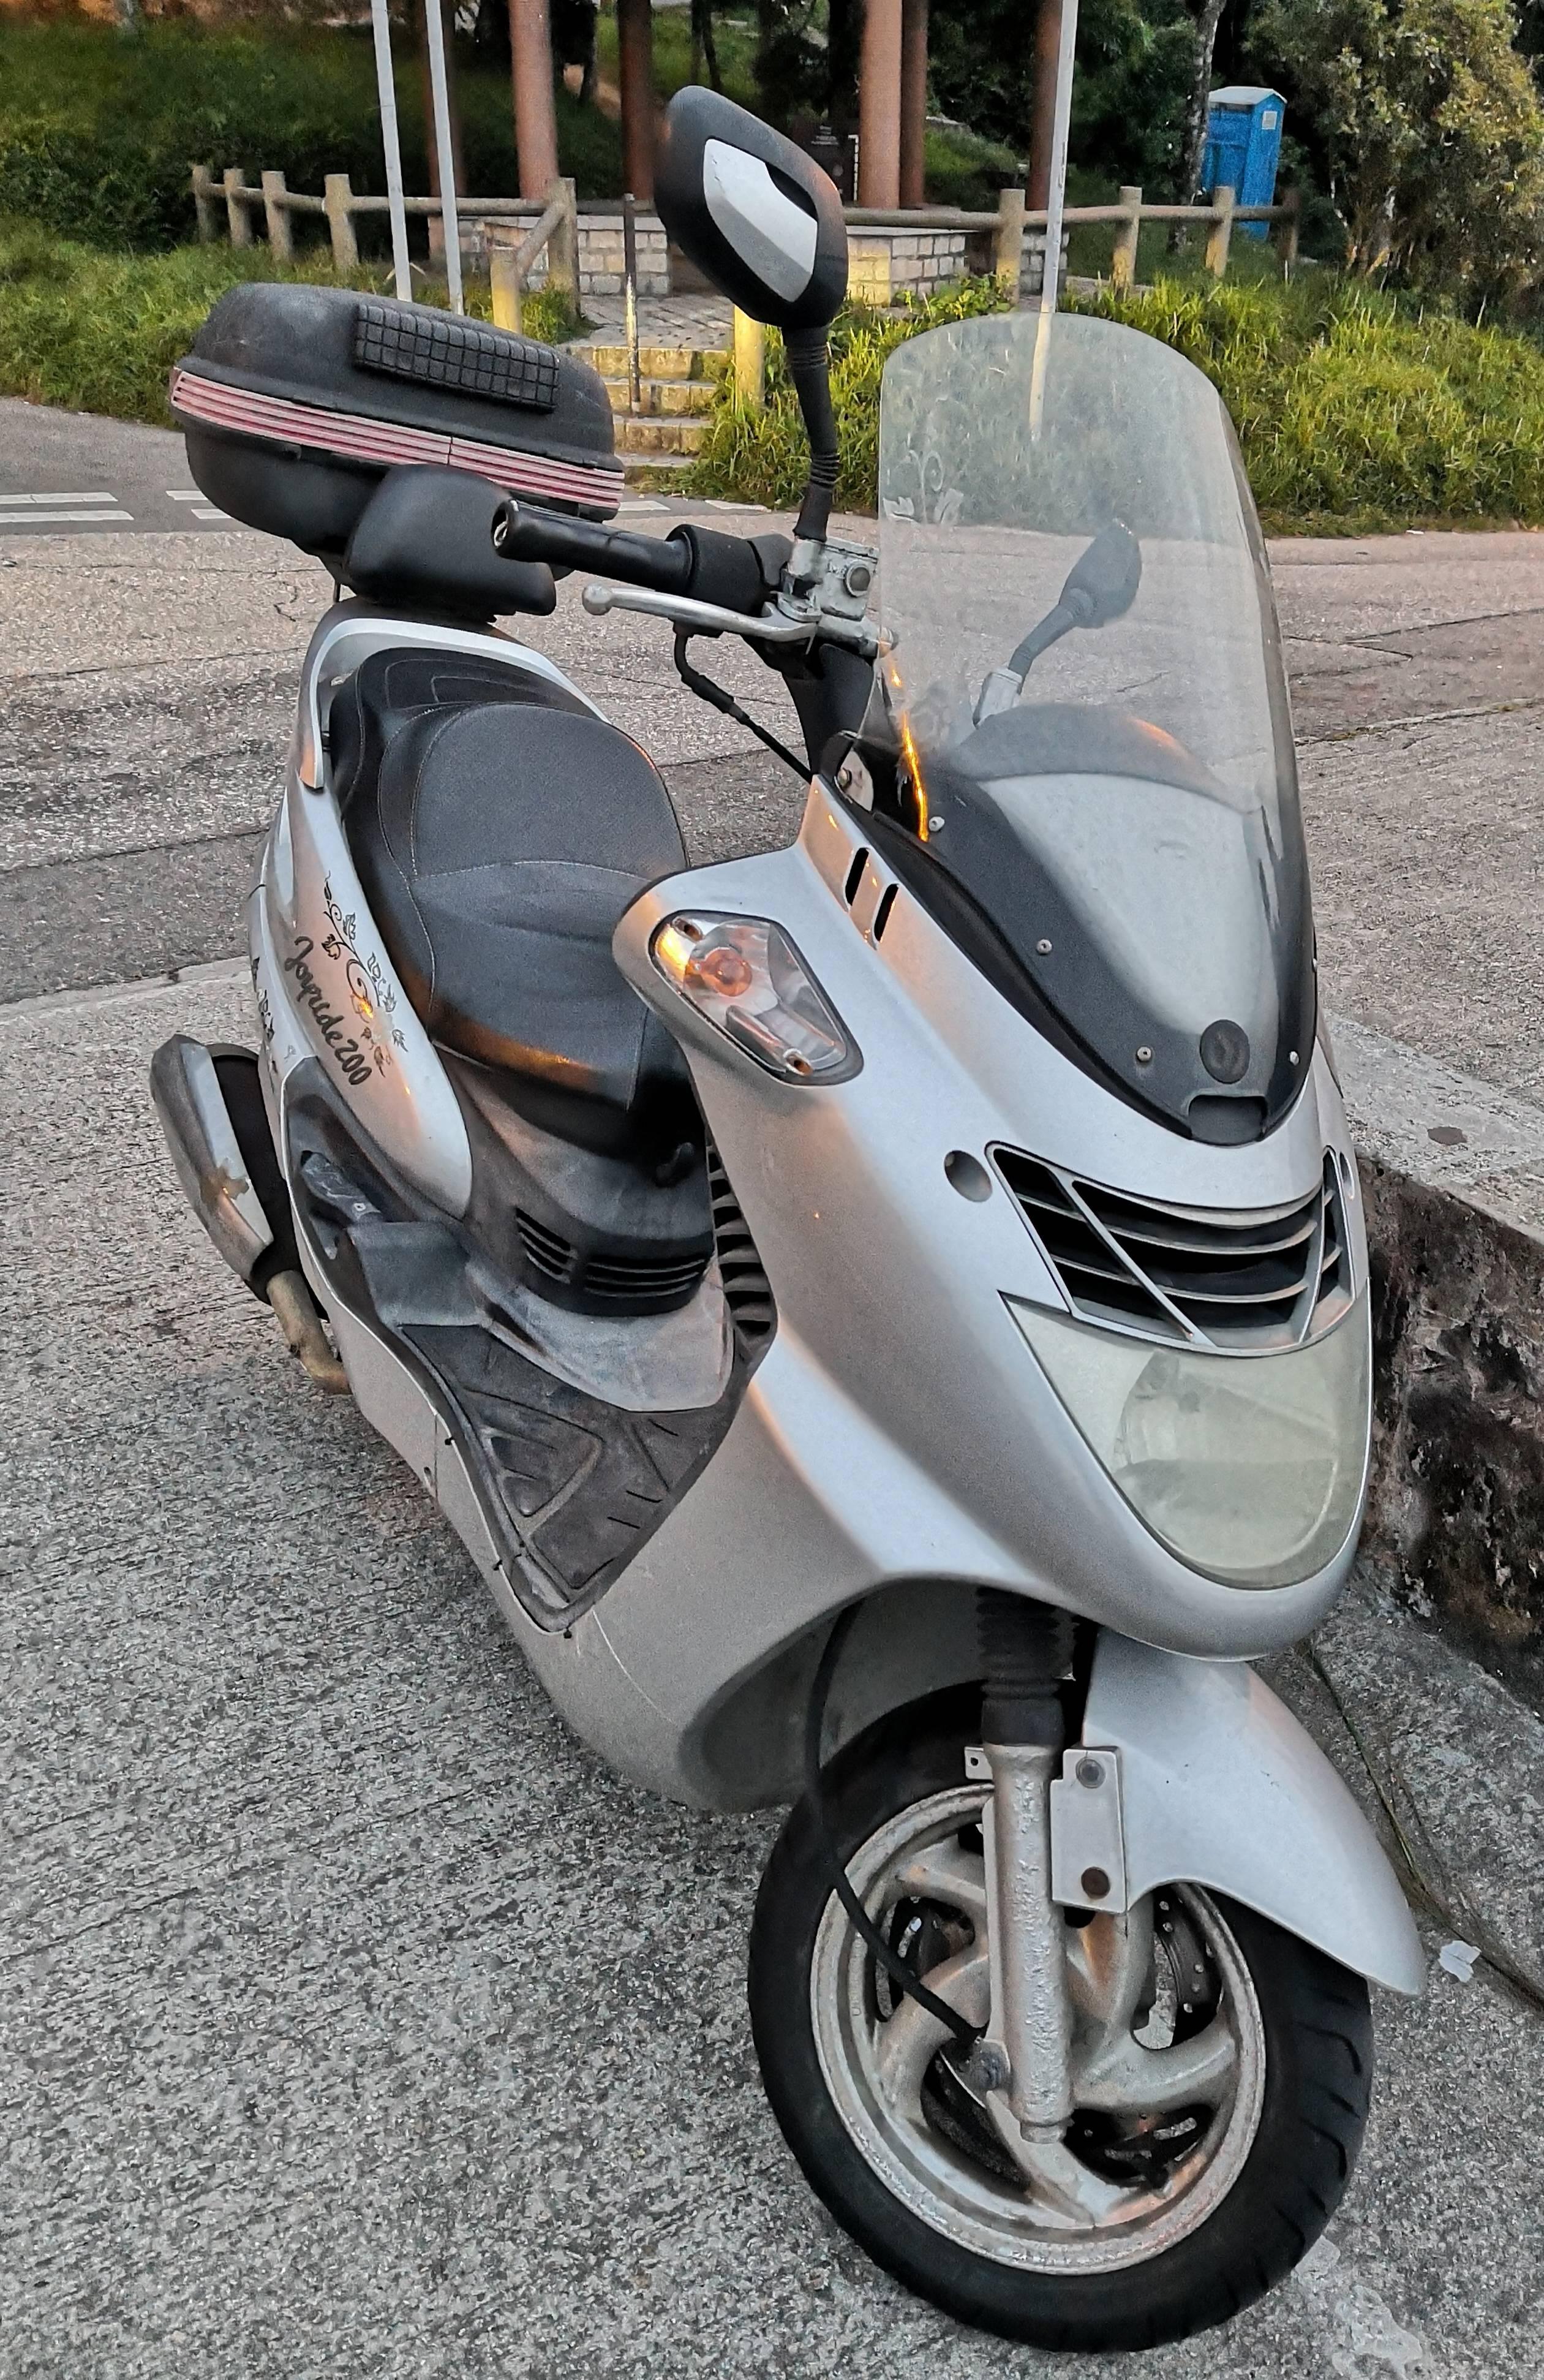 【個人自售】 SYM SYM 其他 二手車 2008年 - 「Webike摩托車市」